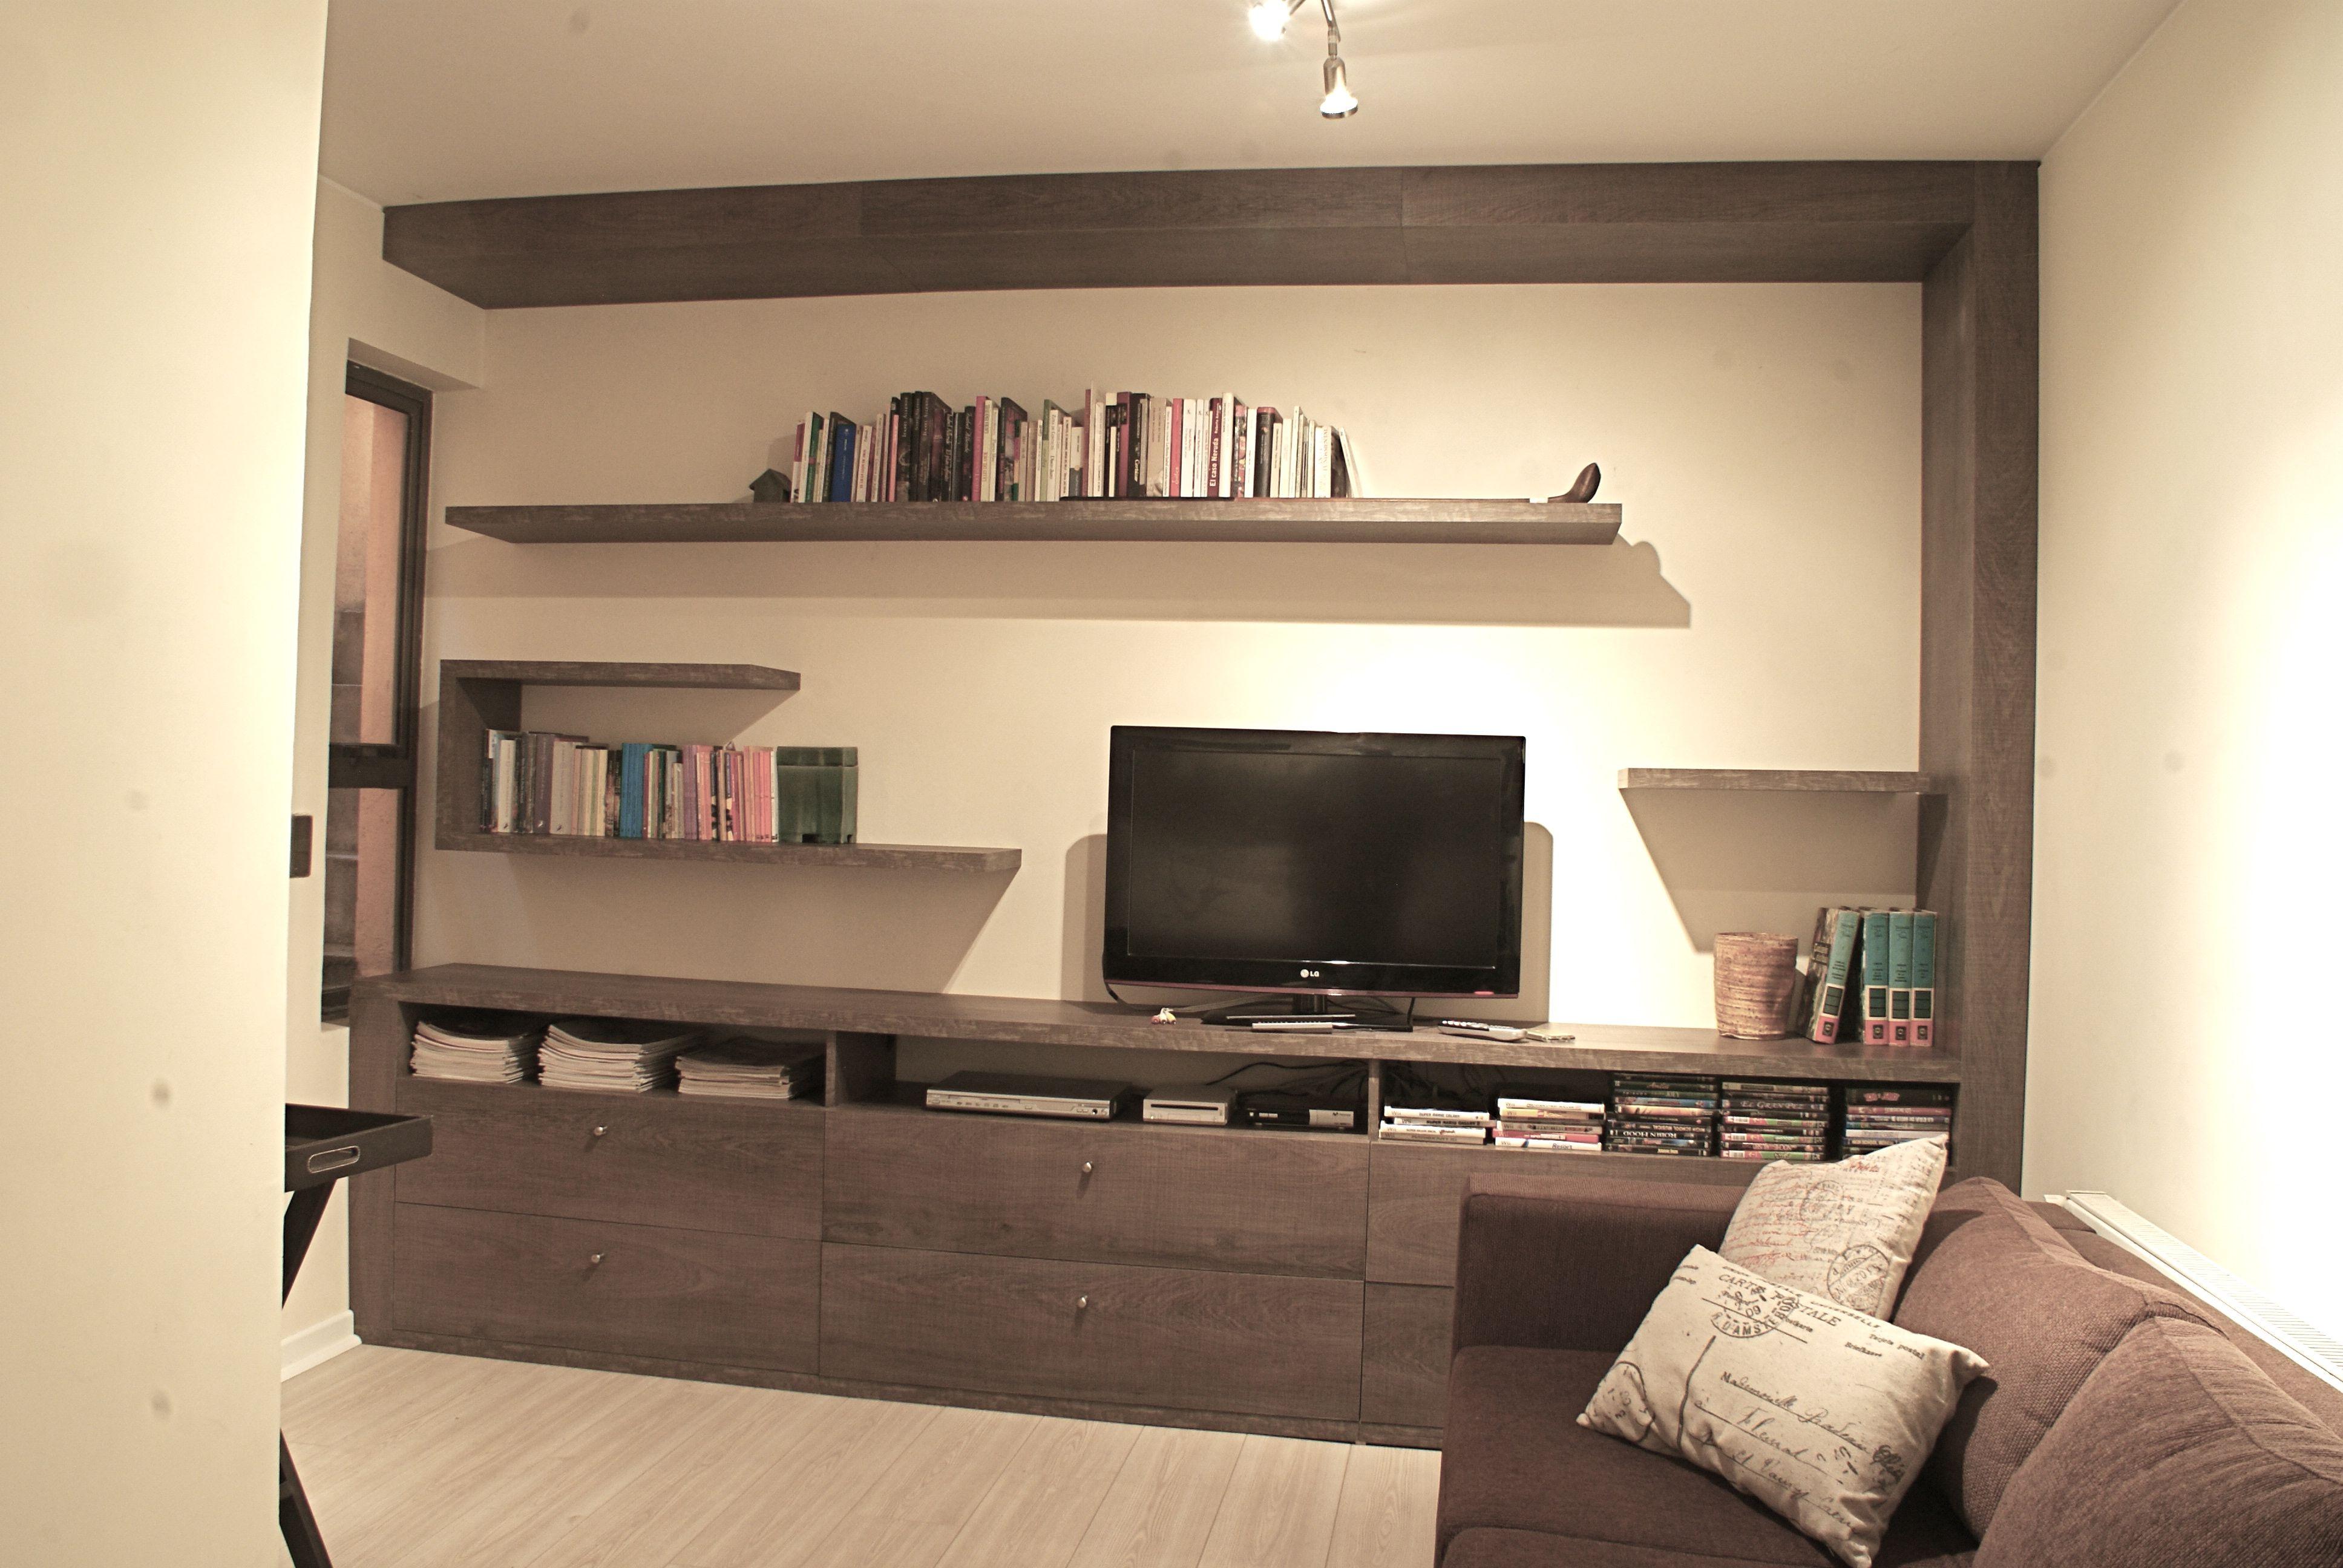 Mueble Mural Sala Estar Dise Ado Y Fabricado En Fibromelamin De  # Muebles Murales